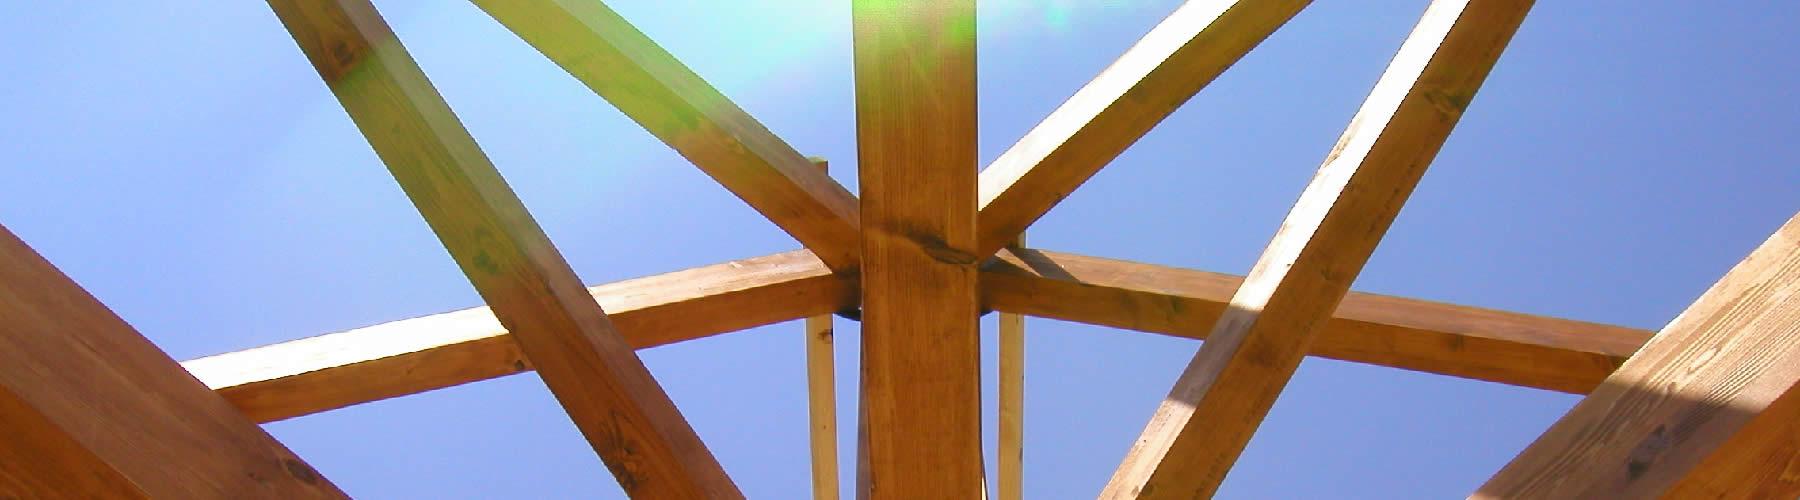 Ξυλεία οικοδομής, στέγης, δαπέδων!